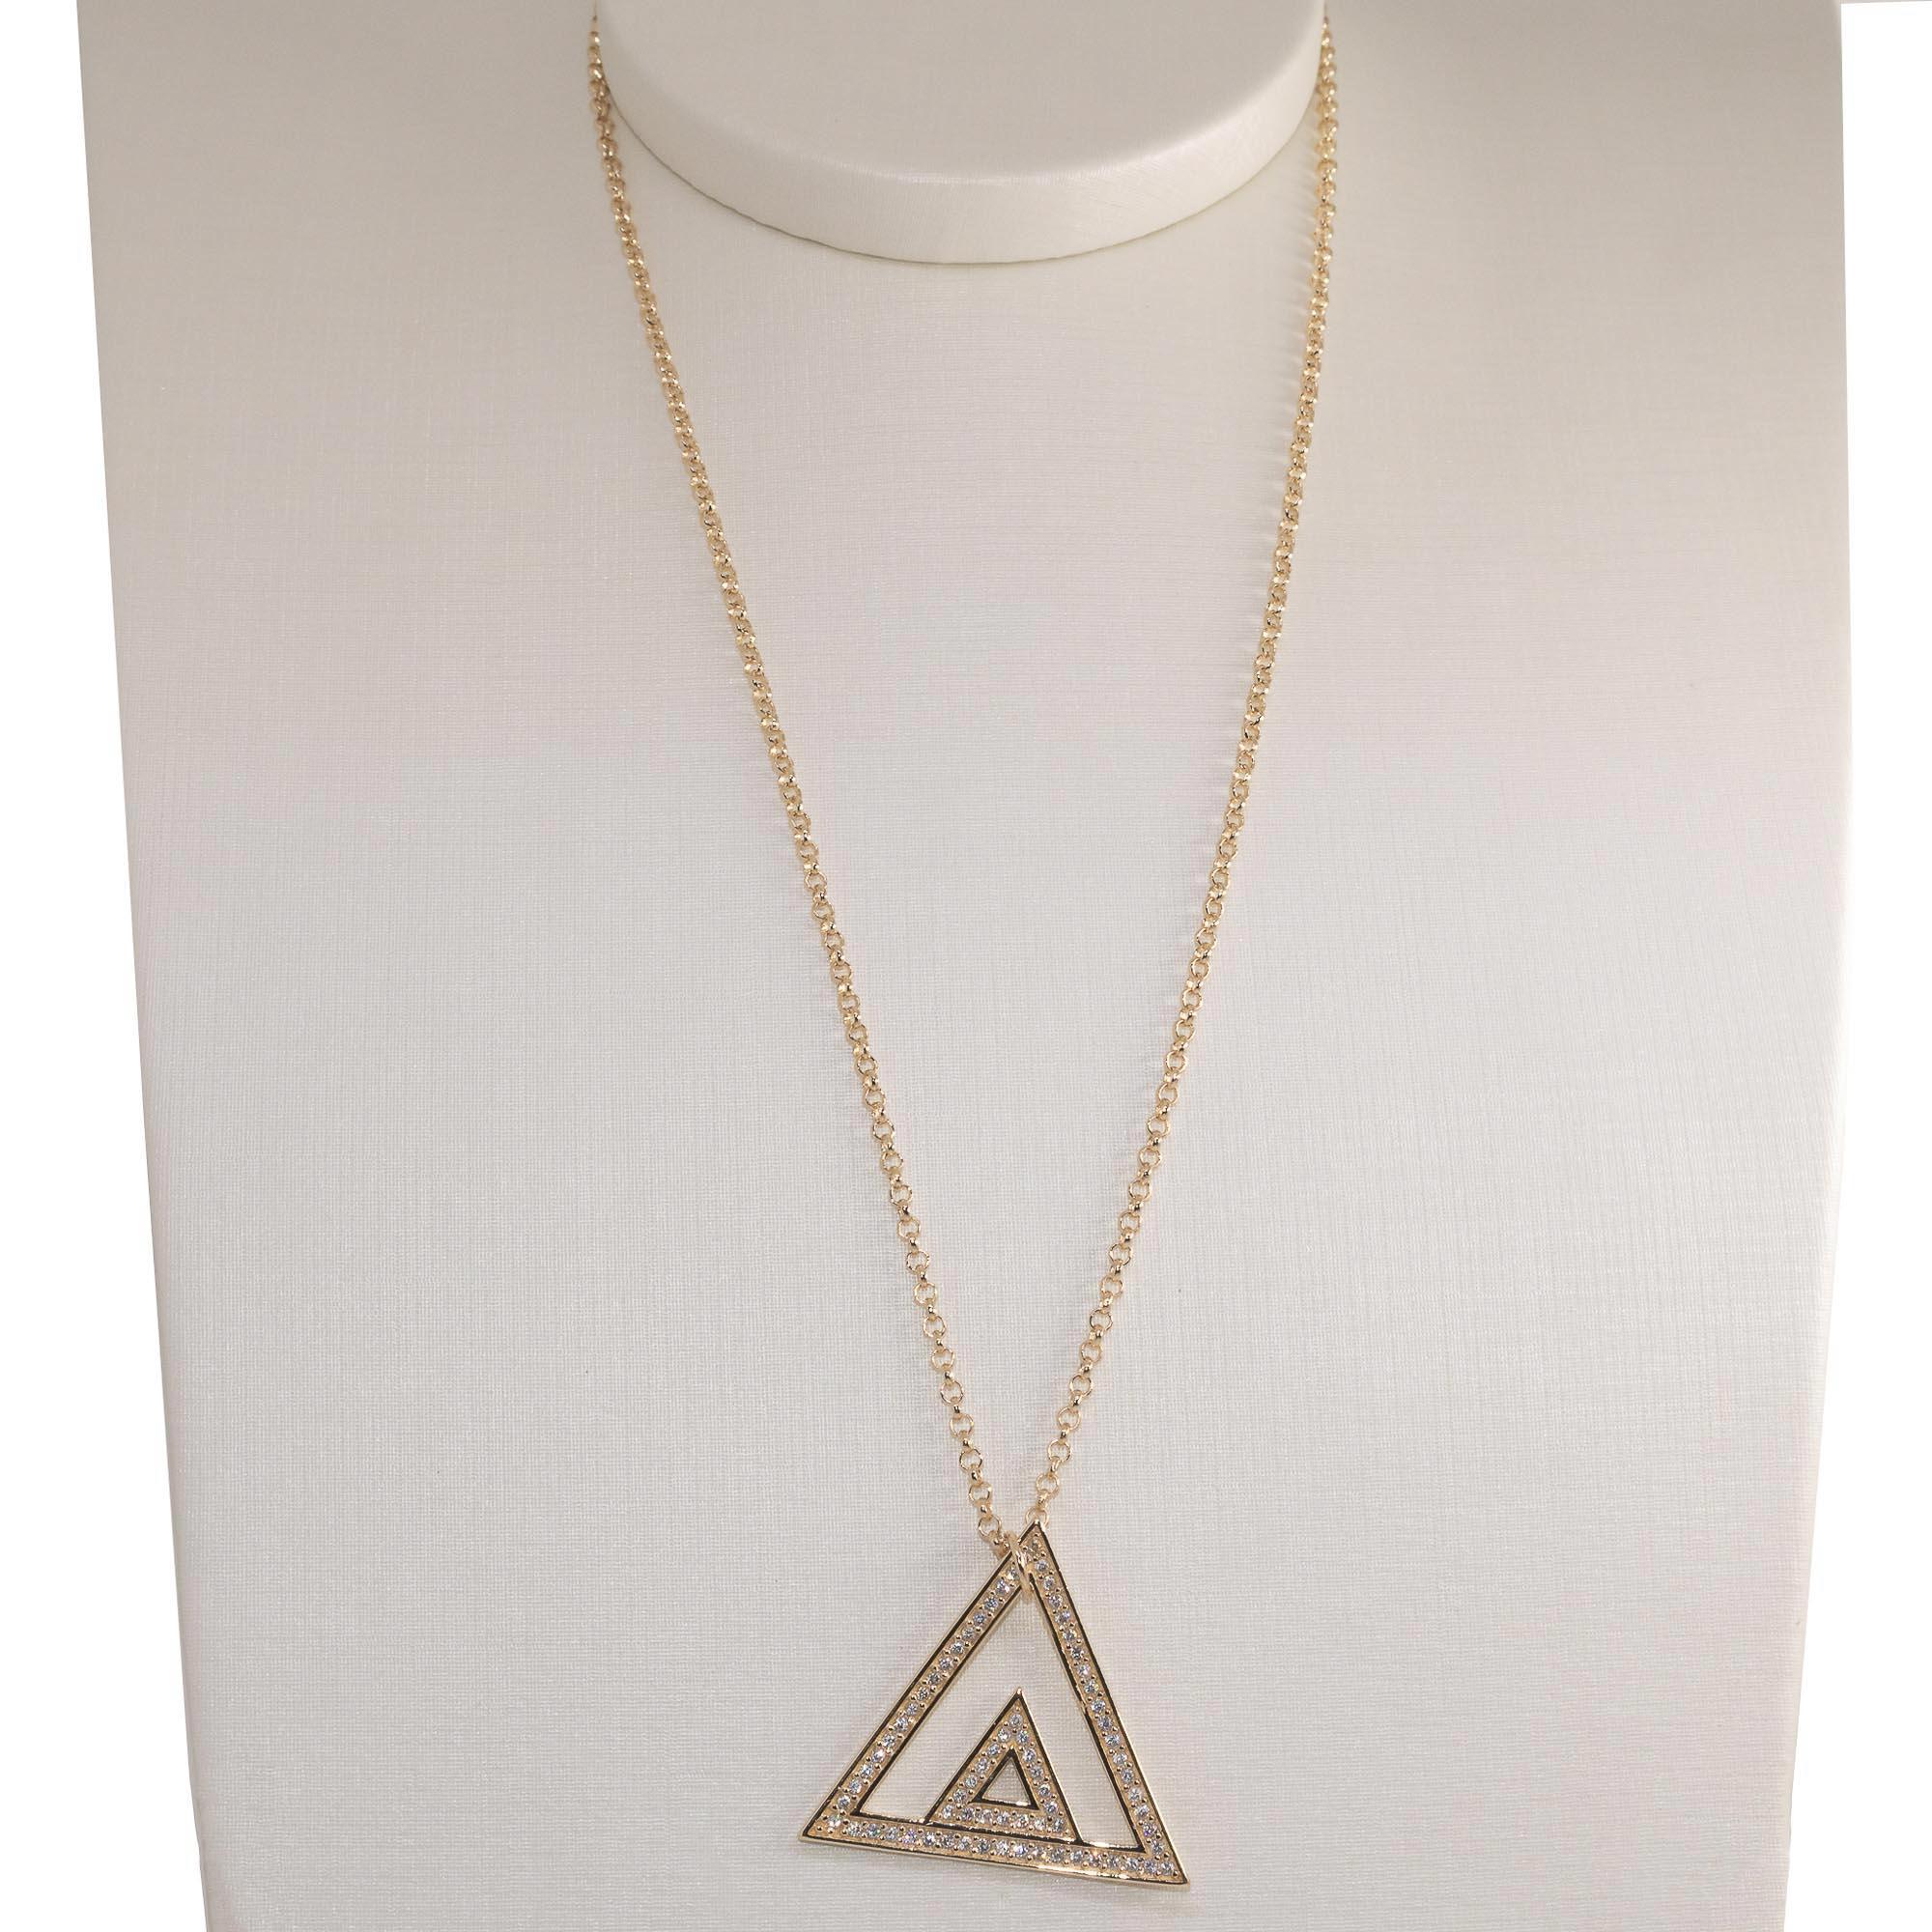 Colar Semi joia  triângulo duplo Mimos folheado a ouro 18k ou rhodium